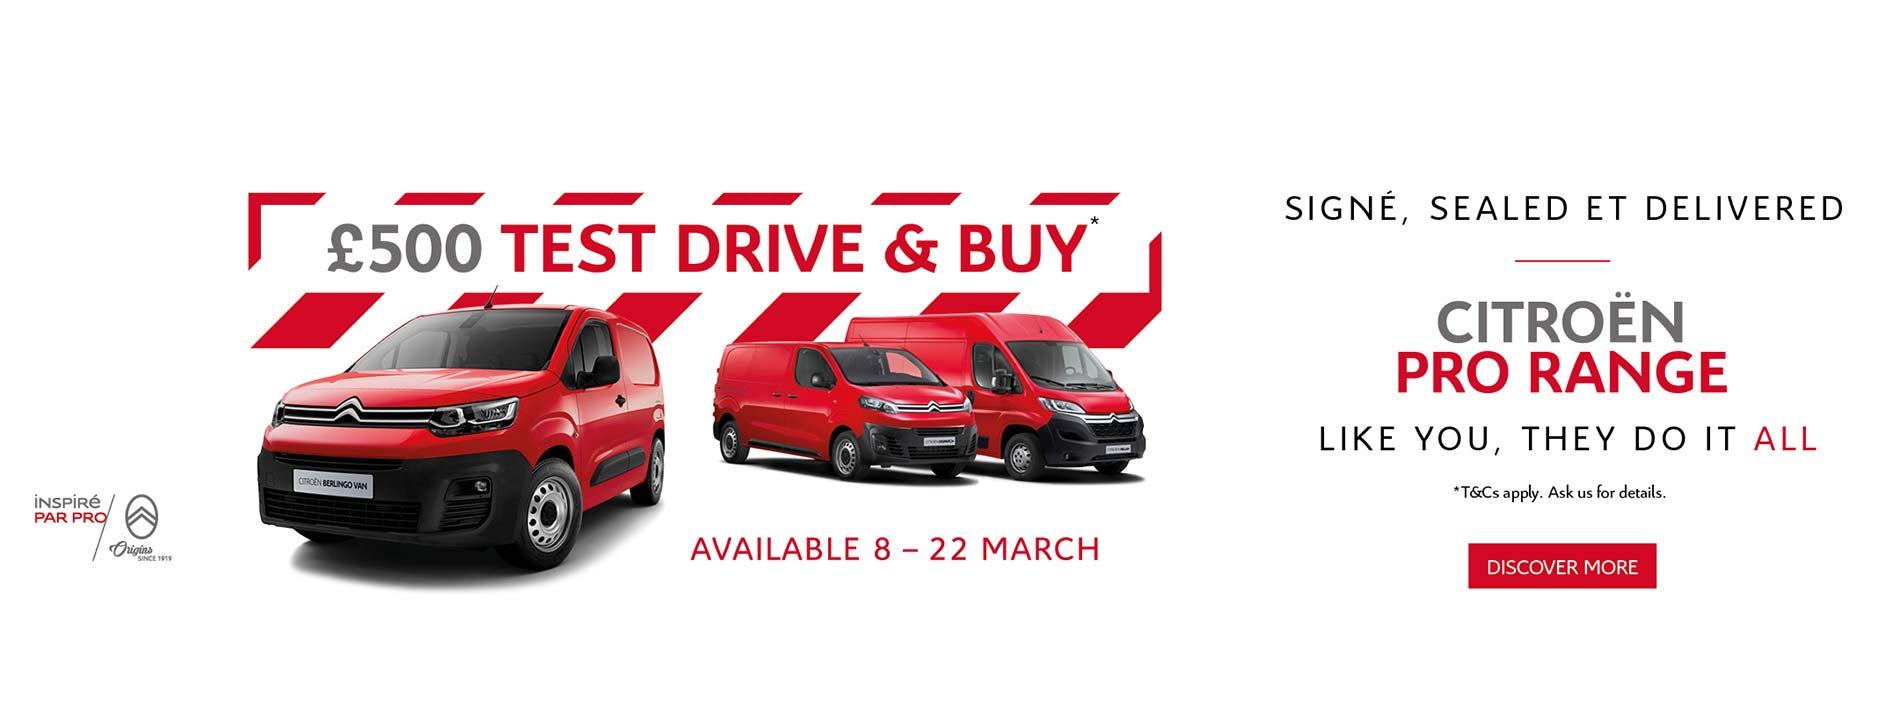 citroen-lcv-event-hampshire-big-discounts-test-drive-buy-bonus-m-sli